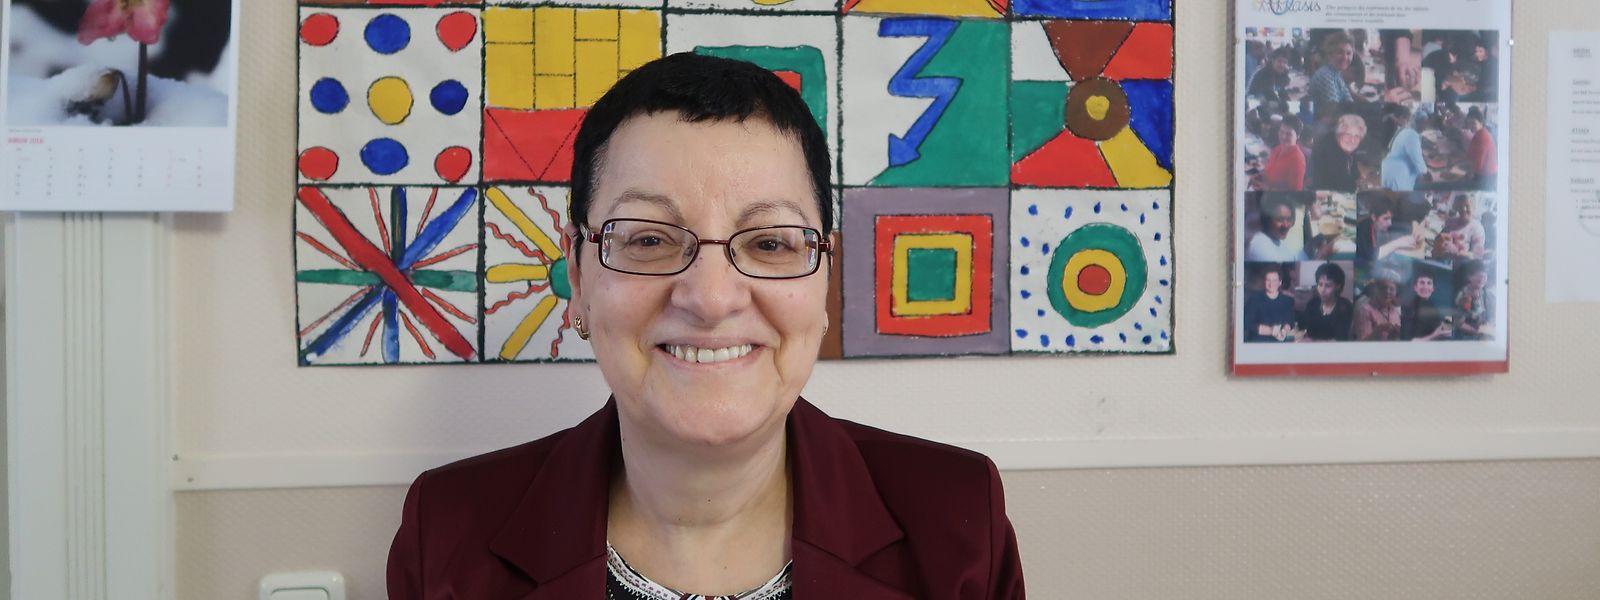 Nach 20-jährigem Wirken als Leiterin des Oasis-Zentrums hat sich Samia Bounaira nun in den Ruhestand zurückgezogen.